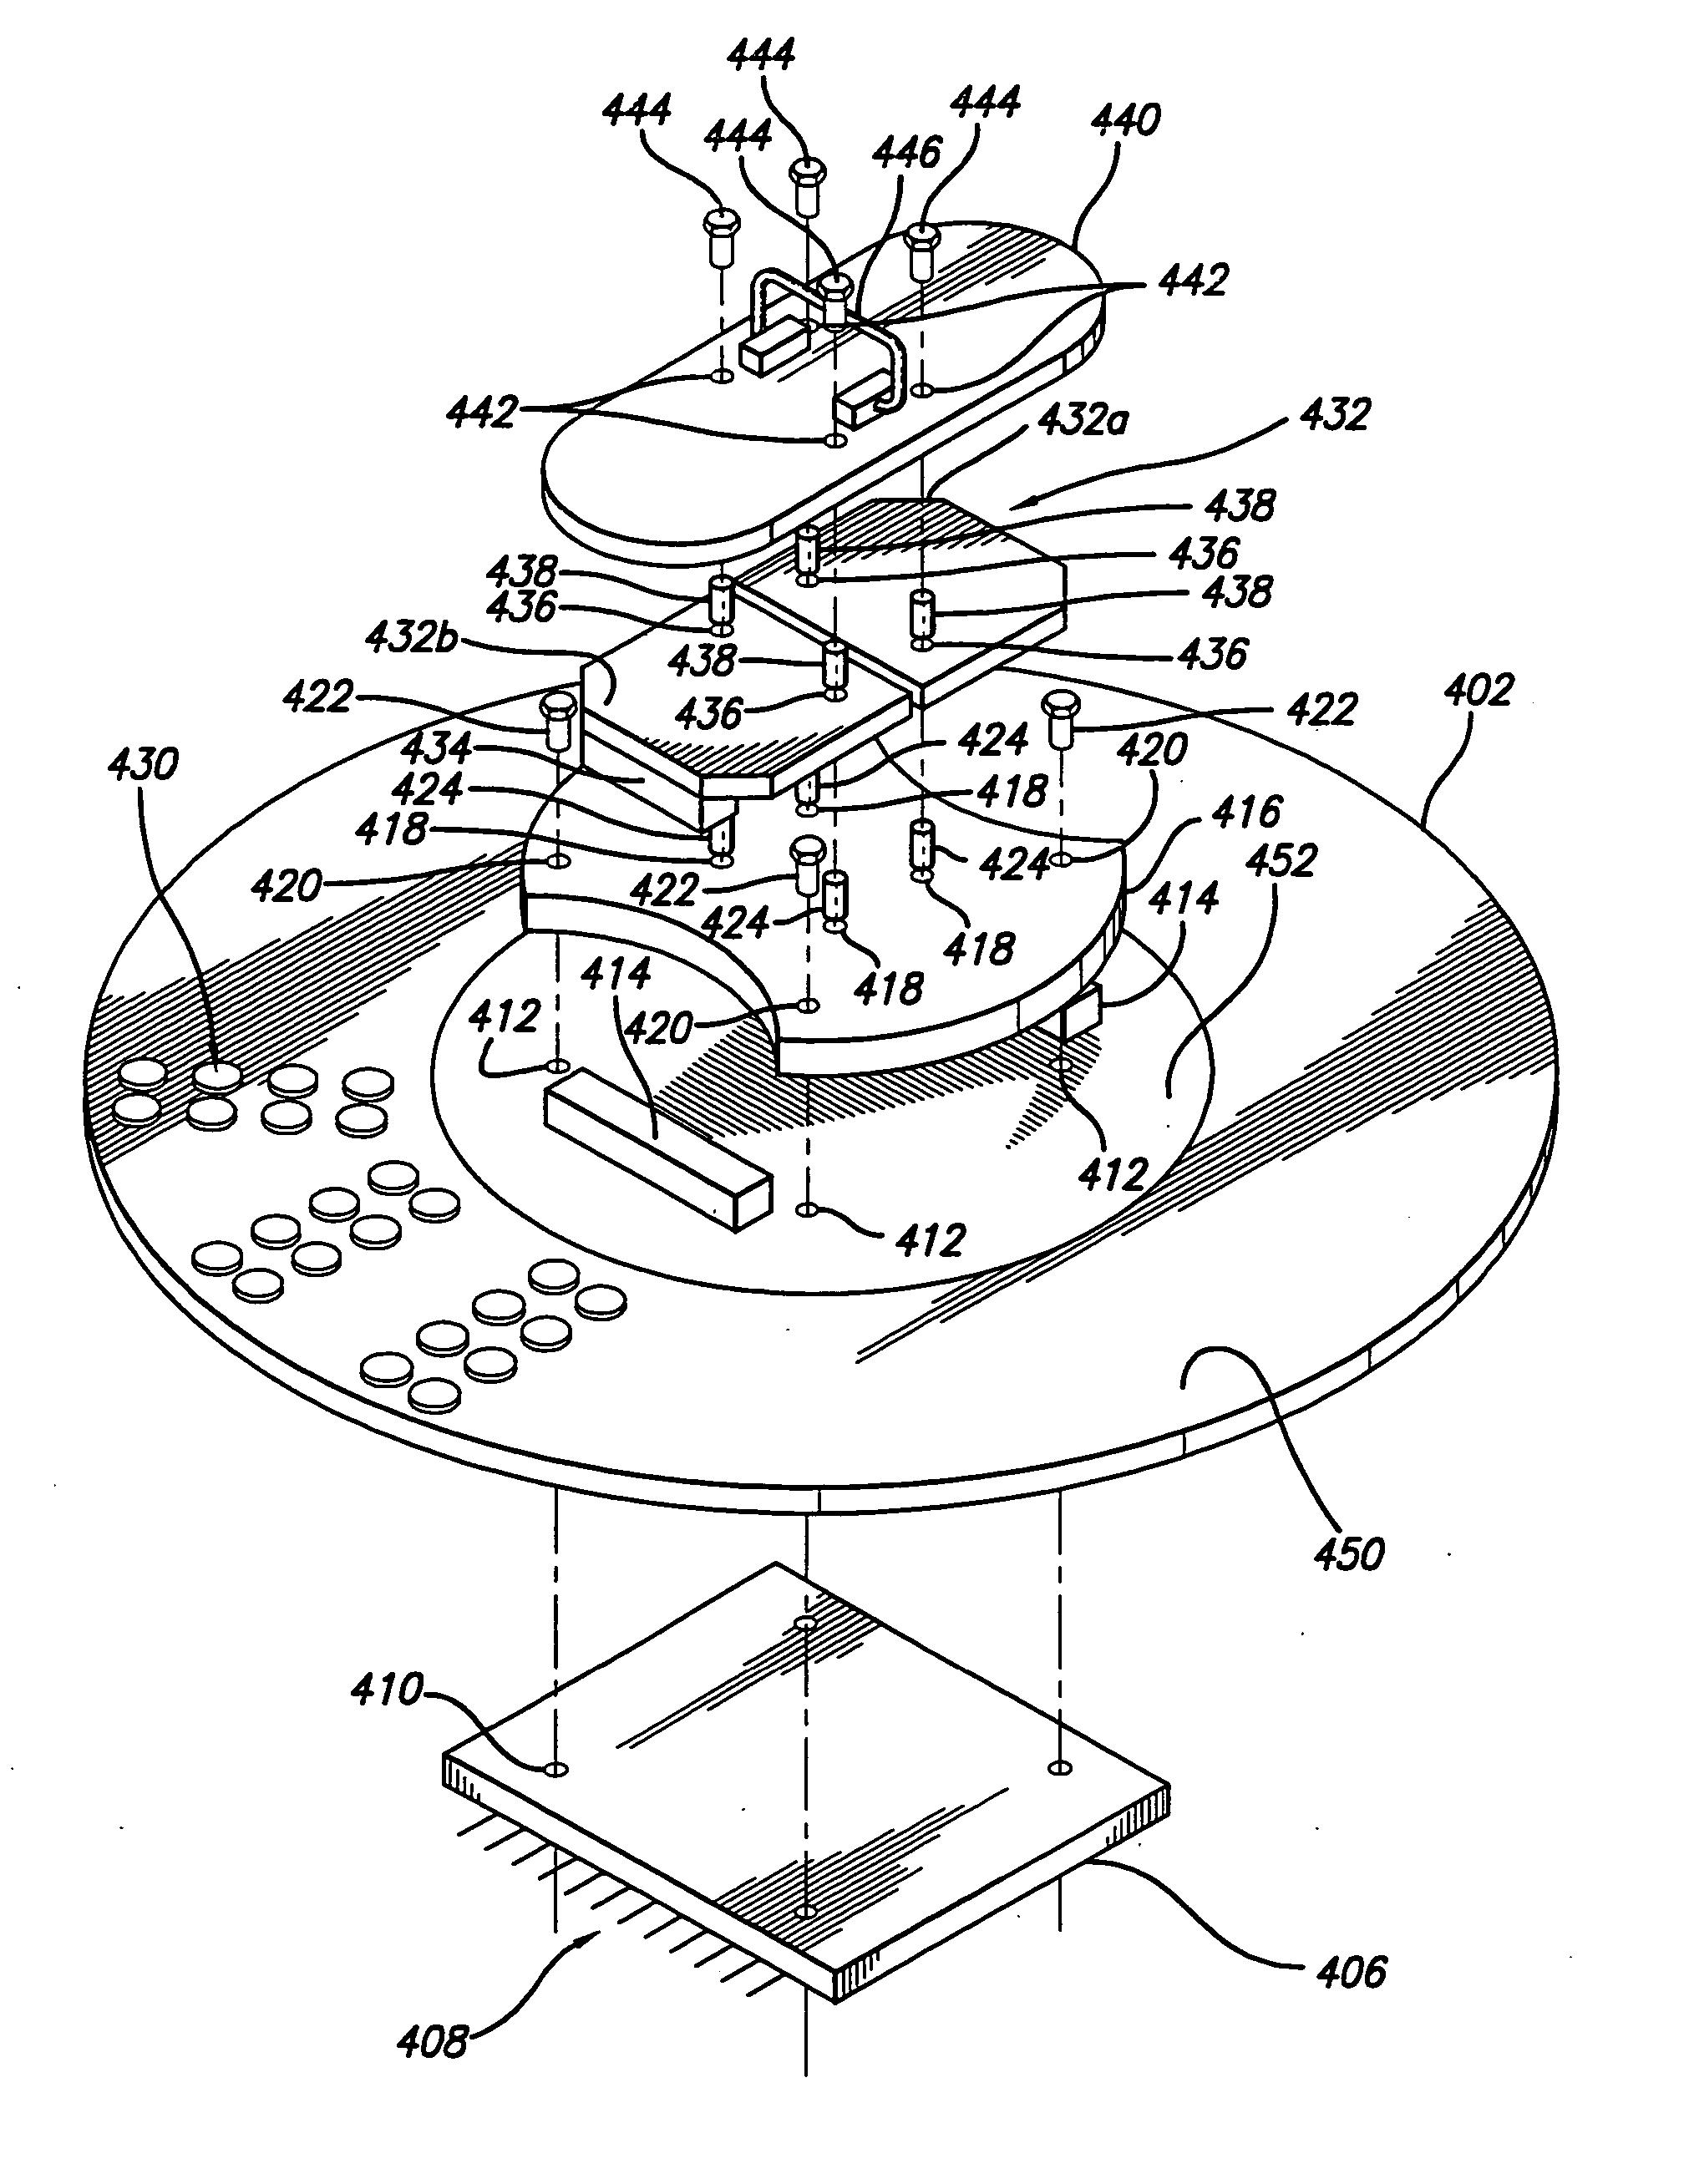 patent us20050140381